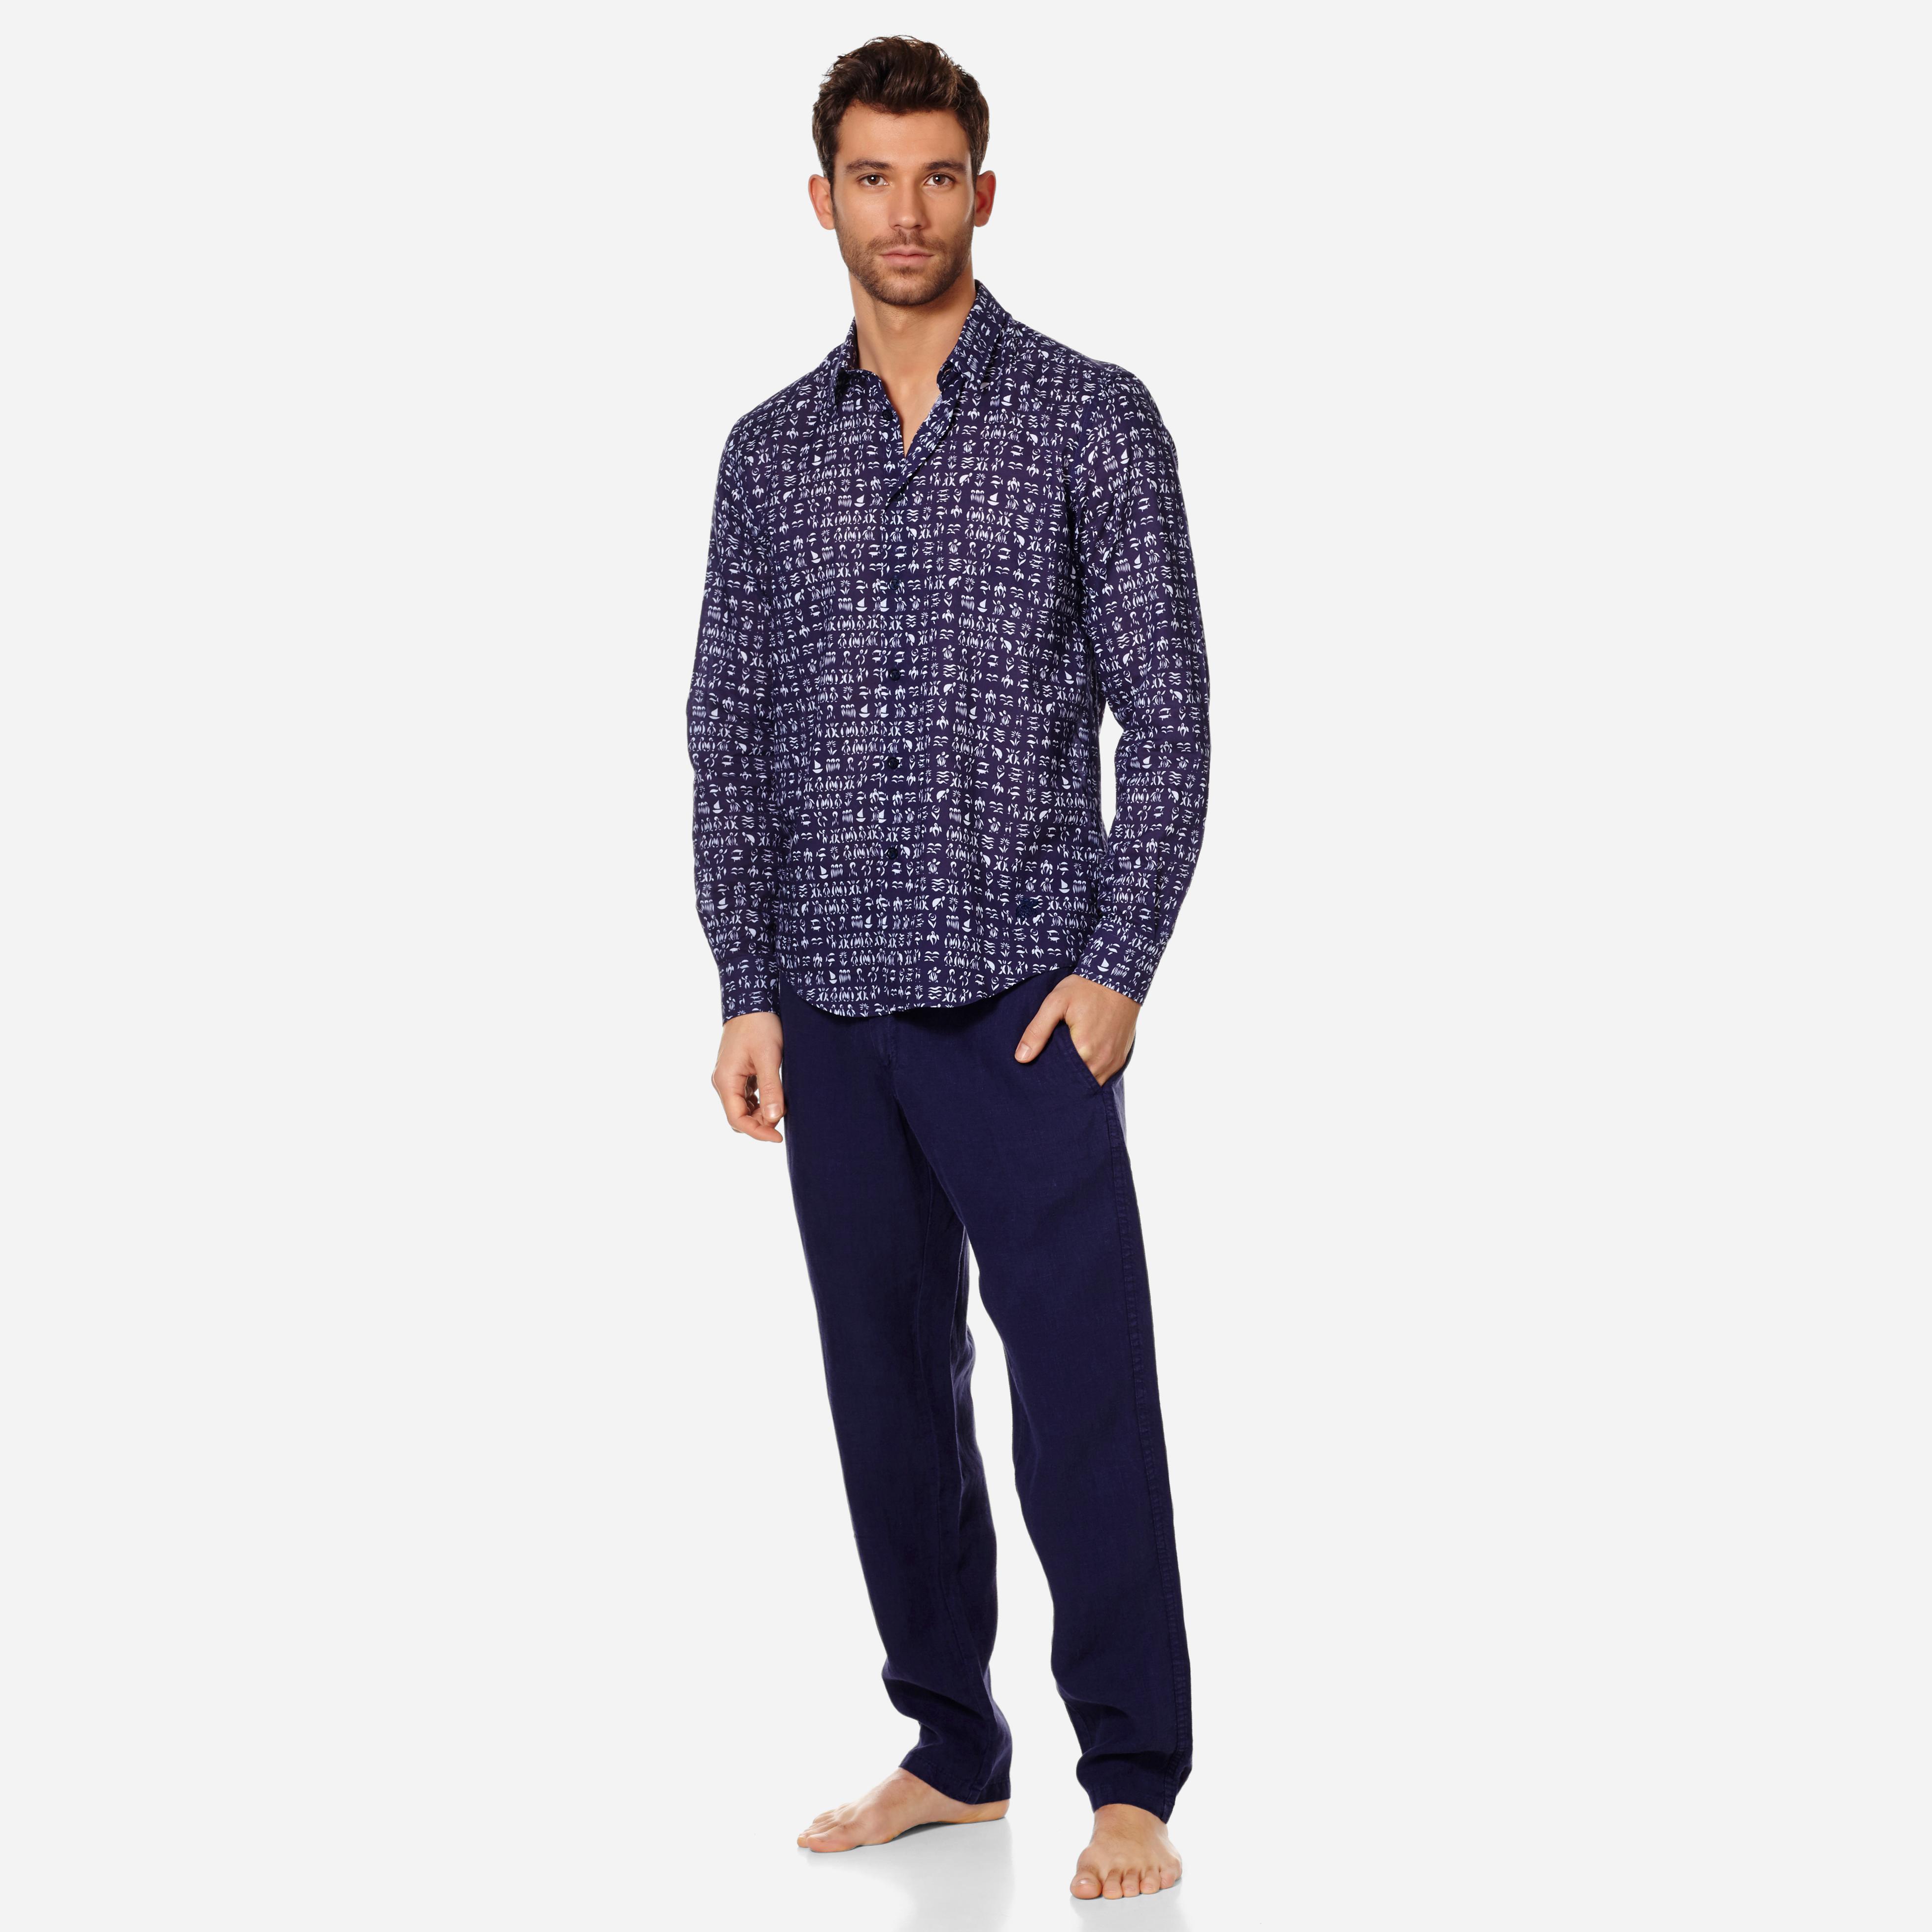 Vilebrequin Unisex Cotton Voile Shirt Fortune Teller Turtles In Blue